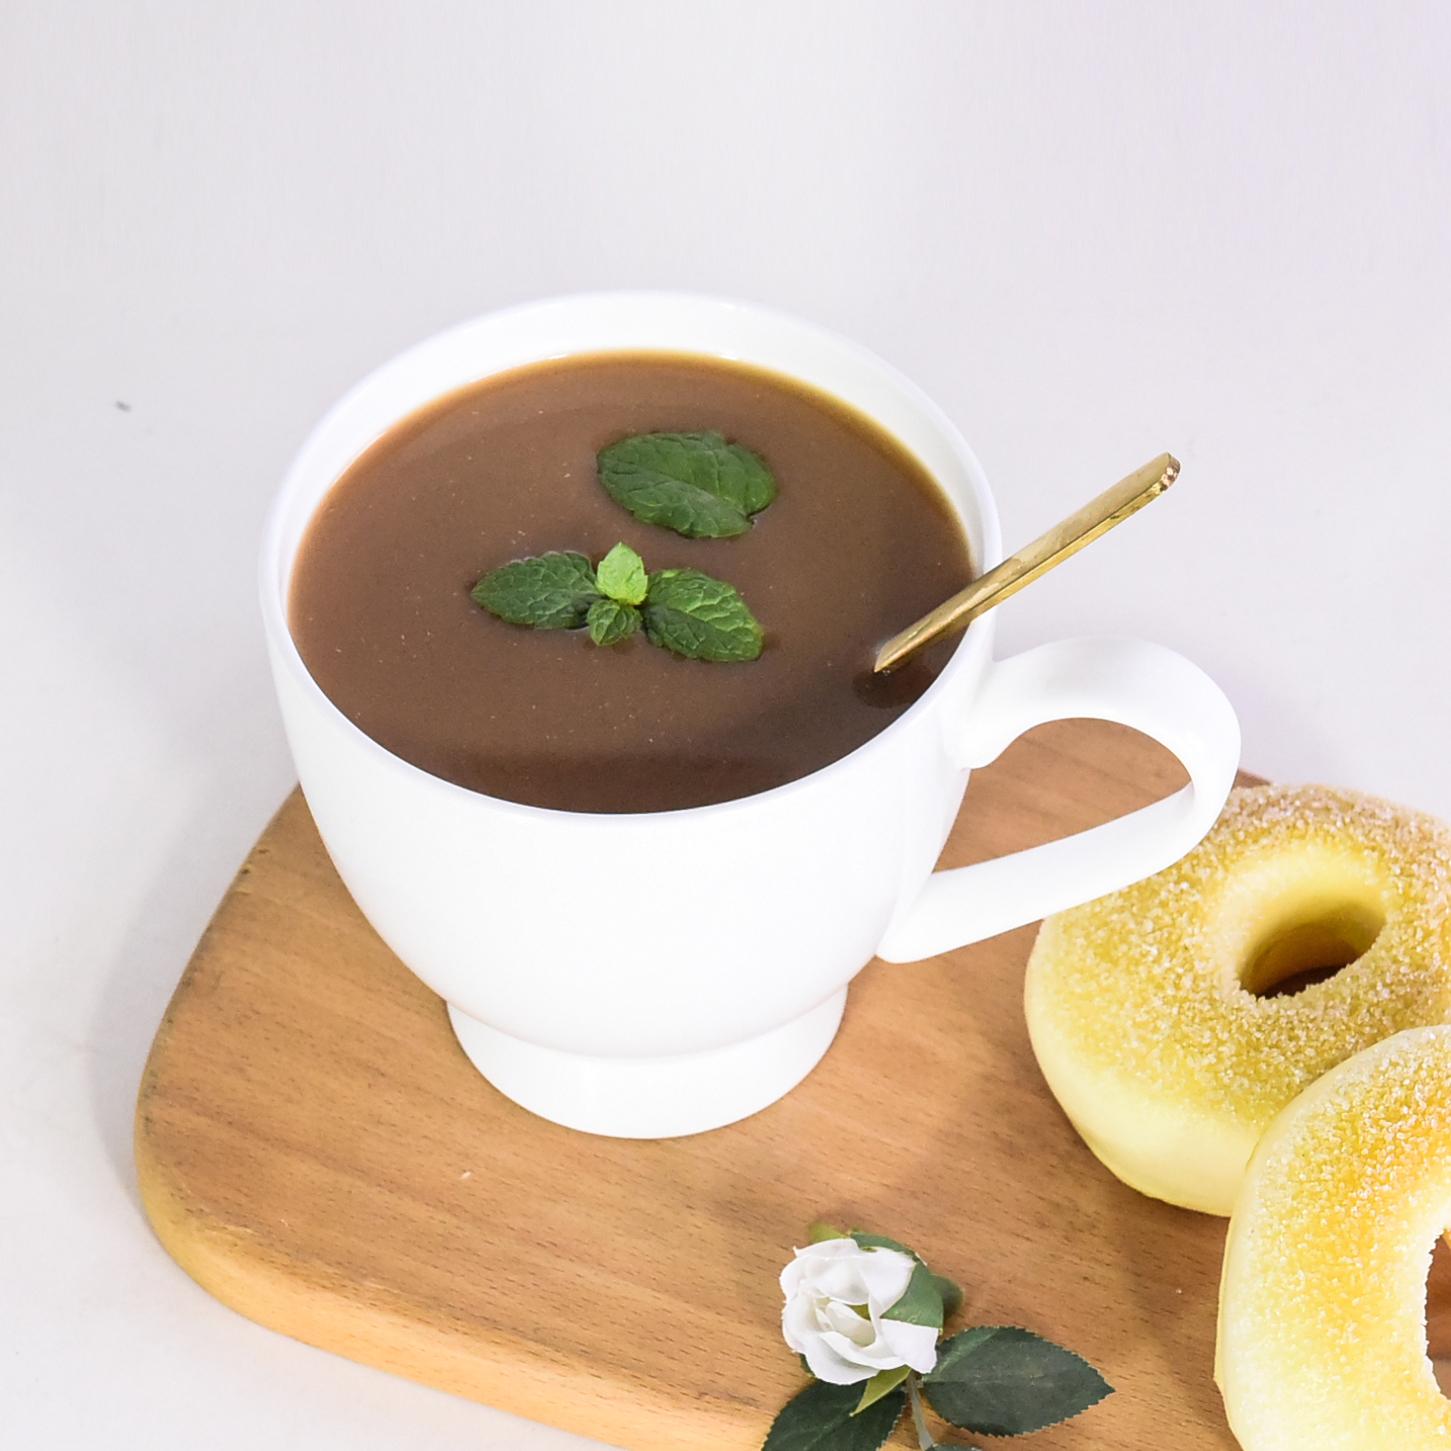 達美瓷業大容量咖啡水杯可印畫面簡約白色骨瓷馬克杯